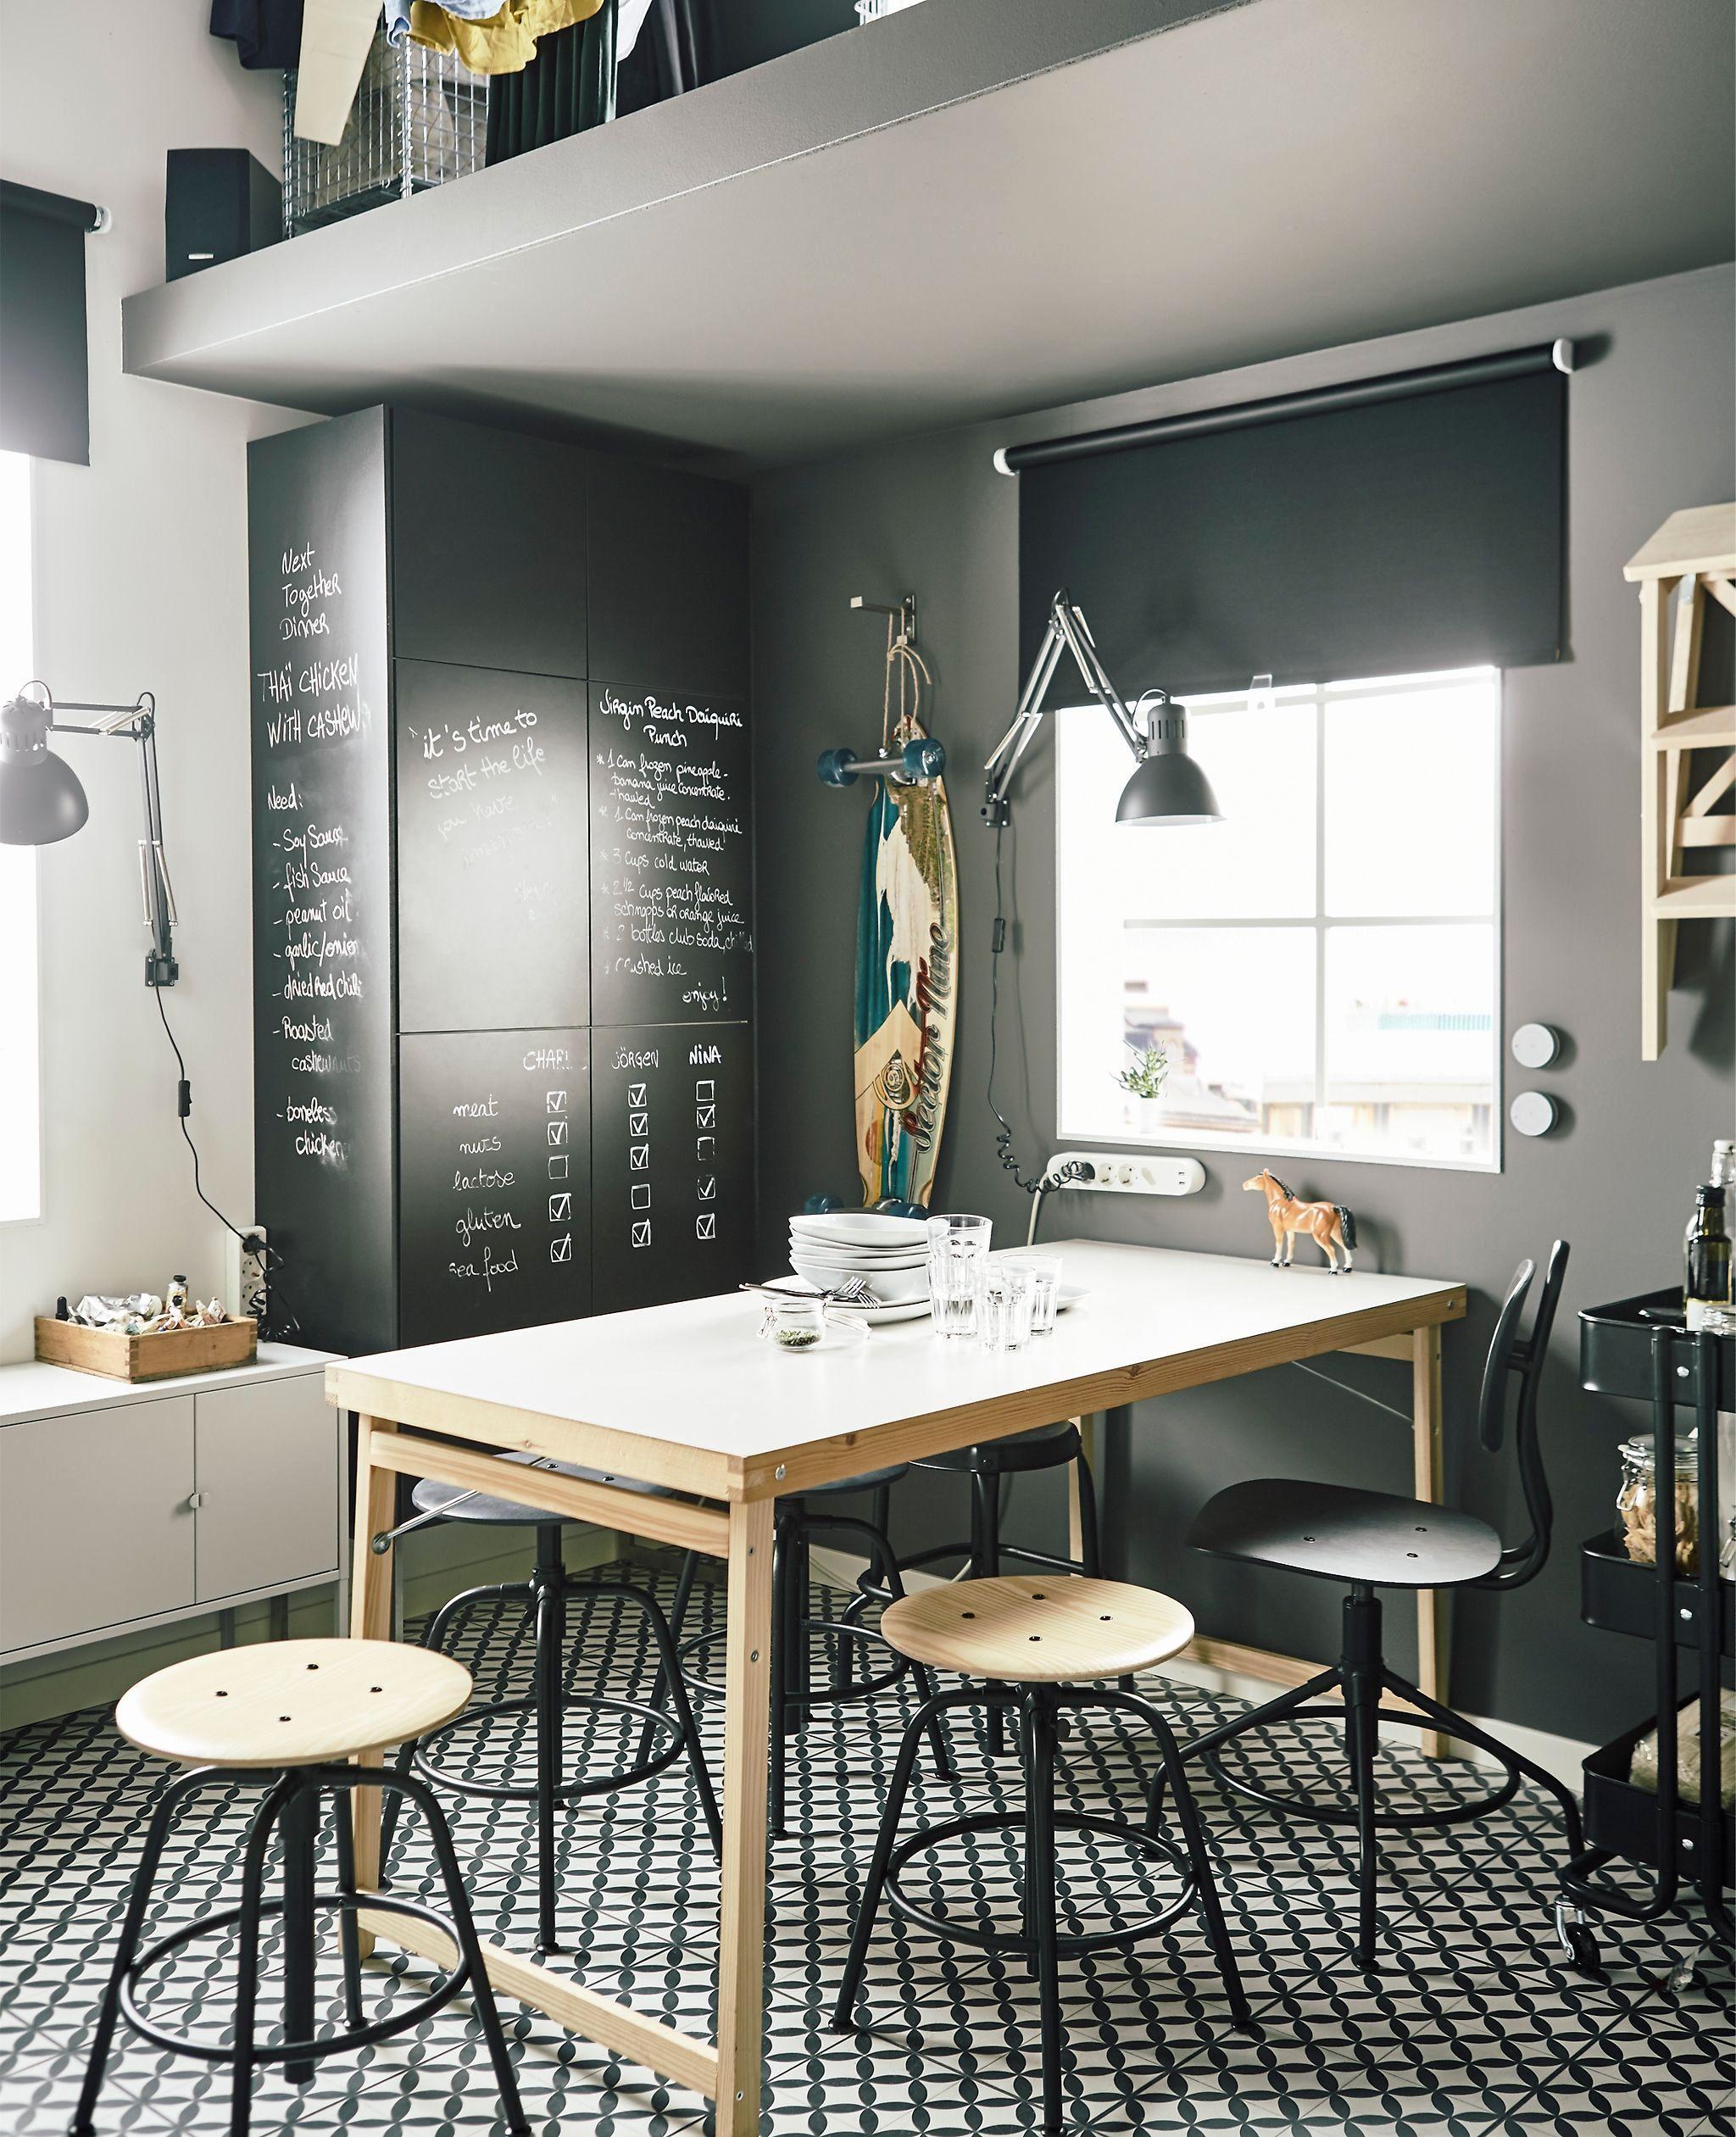 Studio 10 Indispensables Ikea Pour Un Premier Appartement Petite Cuisine Ikea Meubles Pour Petits Espaces Mobilier Peu Encombrant